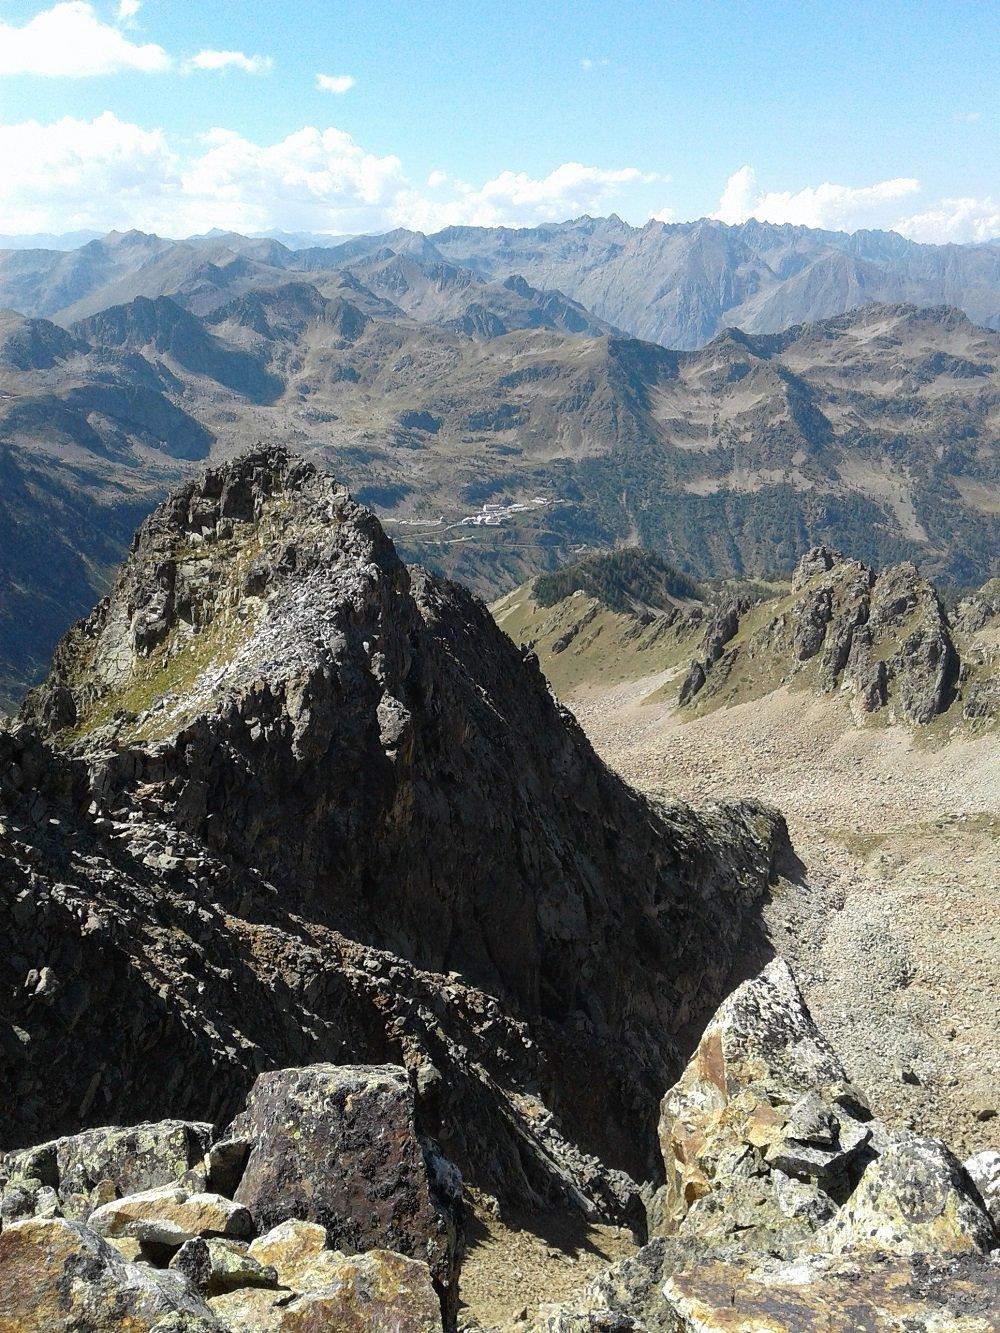 La cresta percorsa vista dalla cima centrale